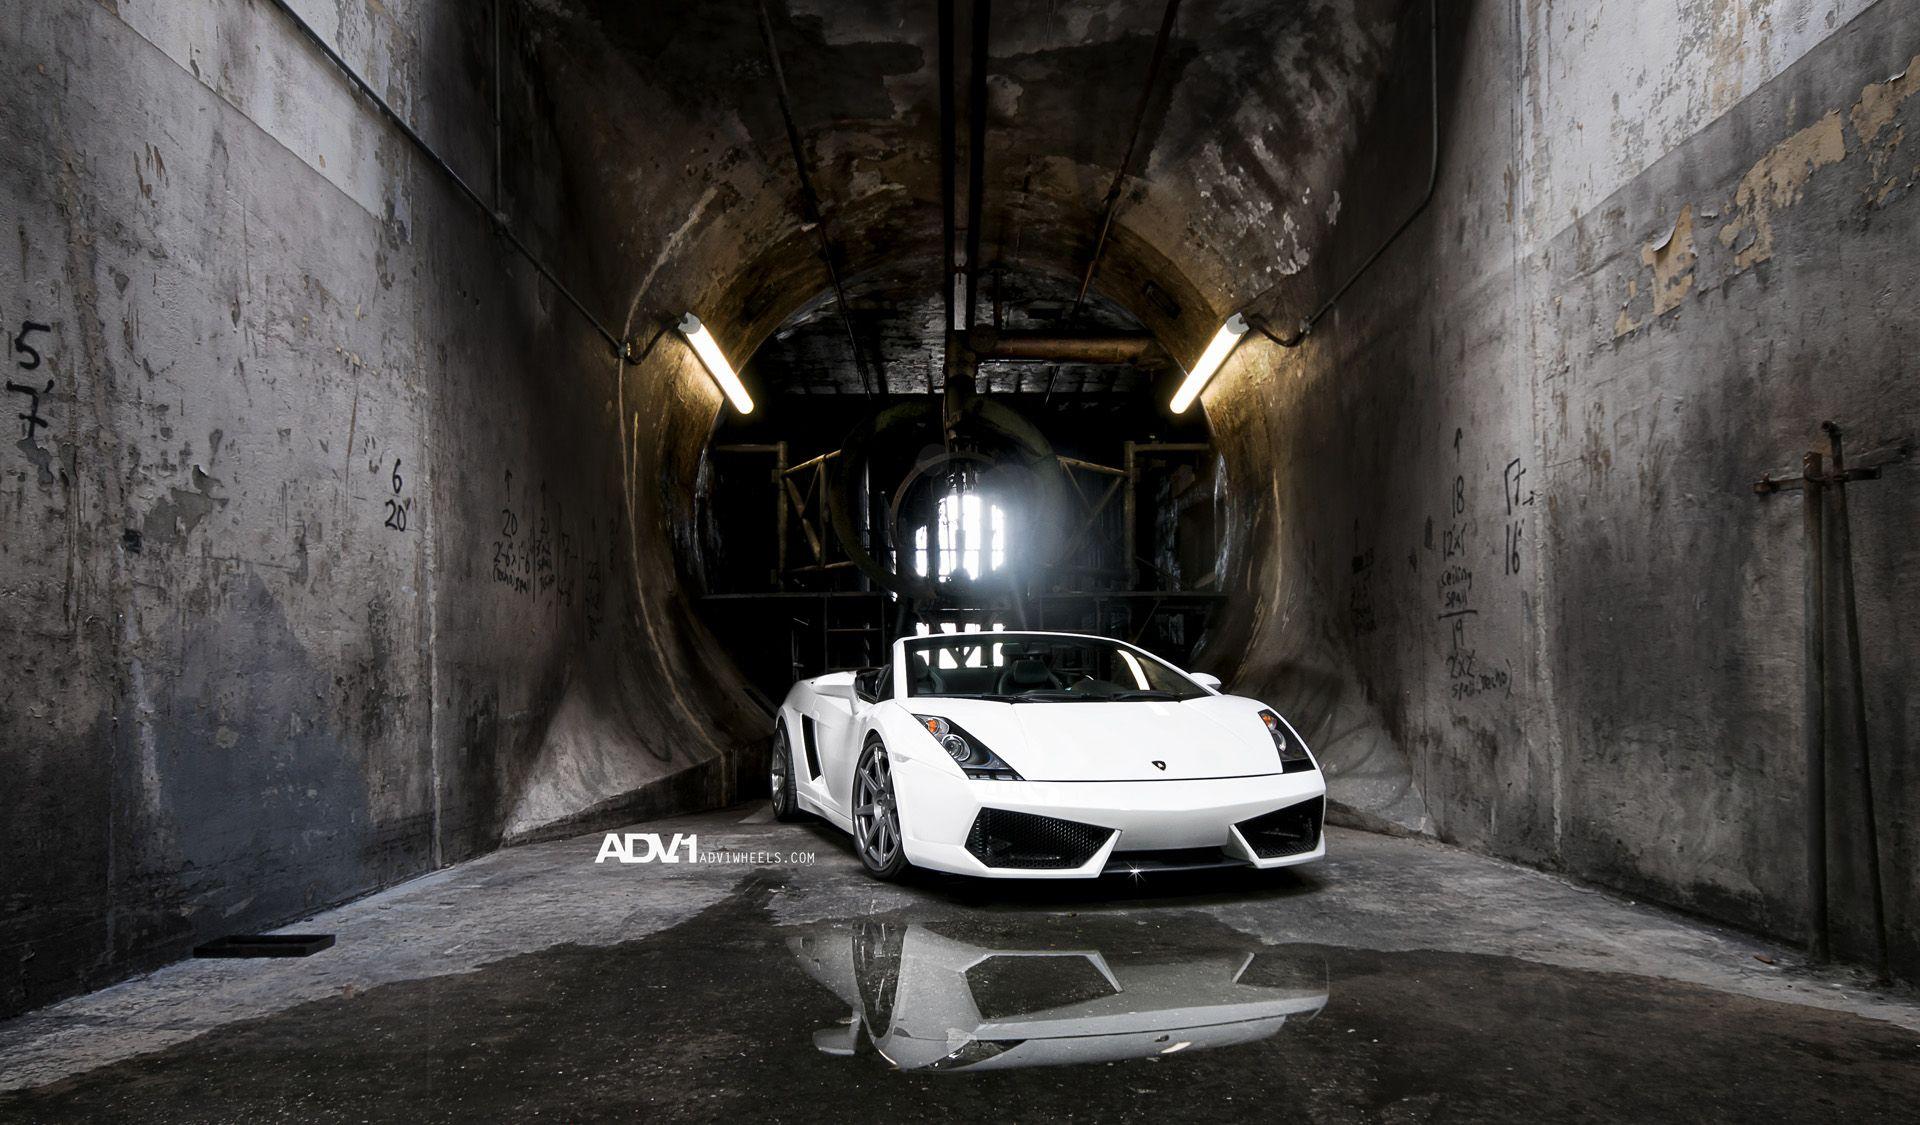 Lamborghini Gallardo Spyder, exquisite!